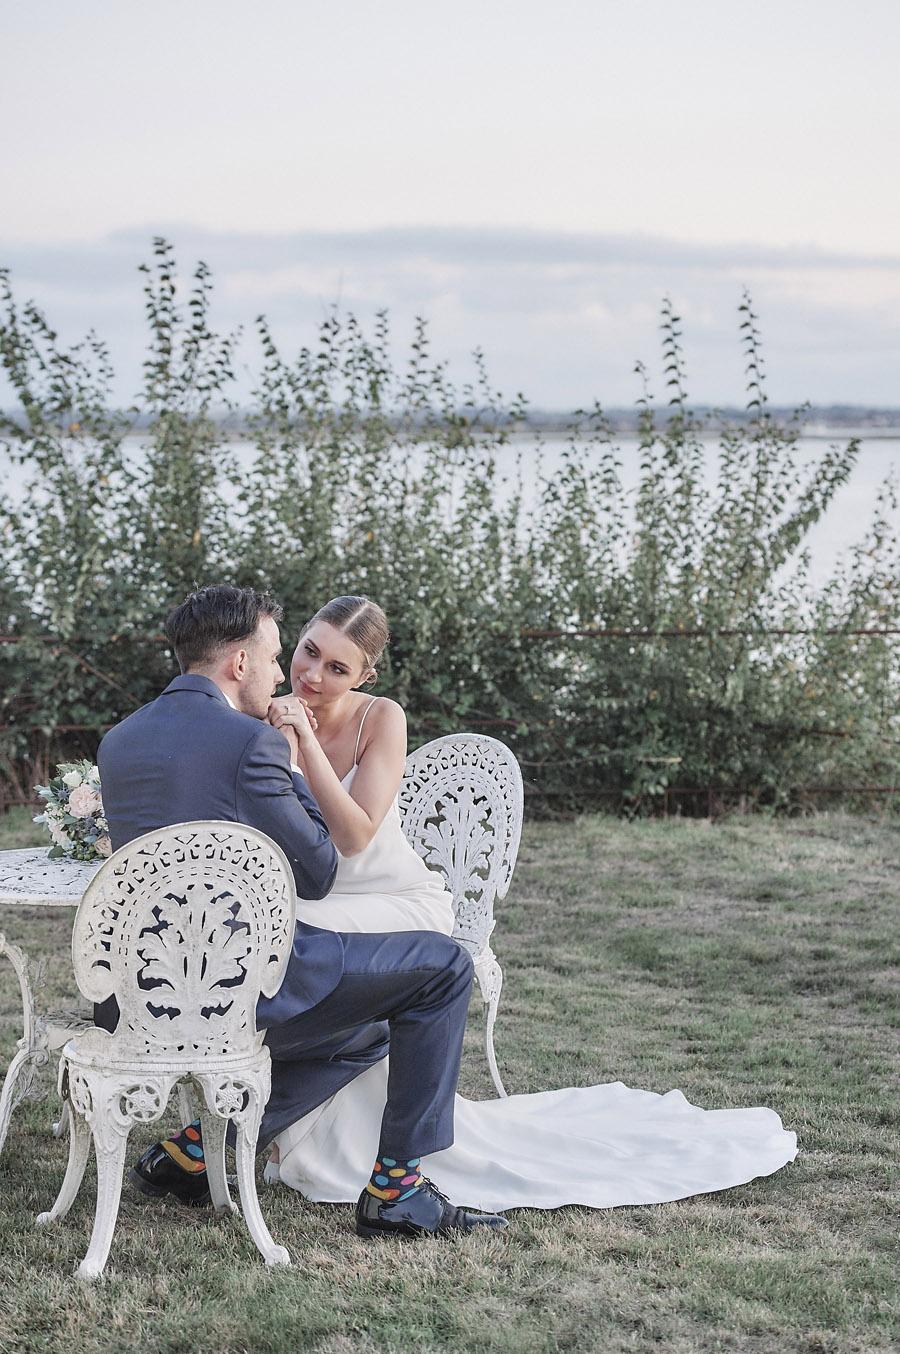 Osea Island Styled Wedding Shoot, image credit Stuart Wood Photography (7)